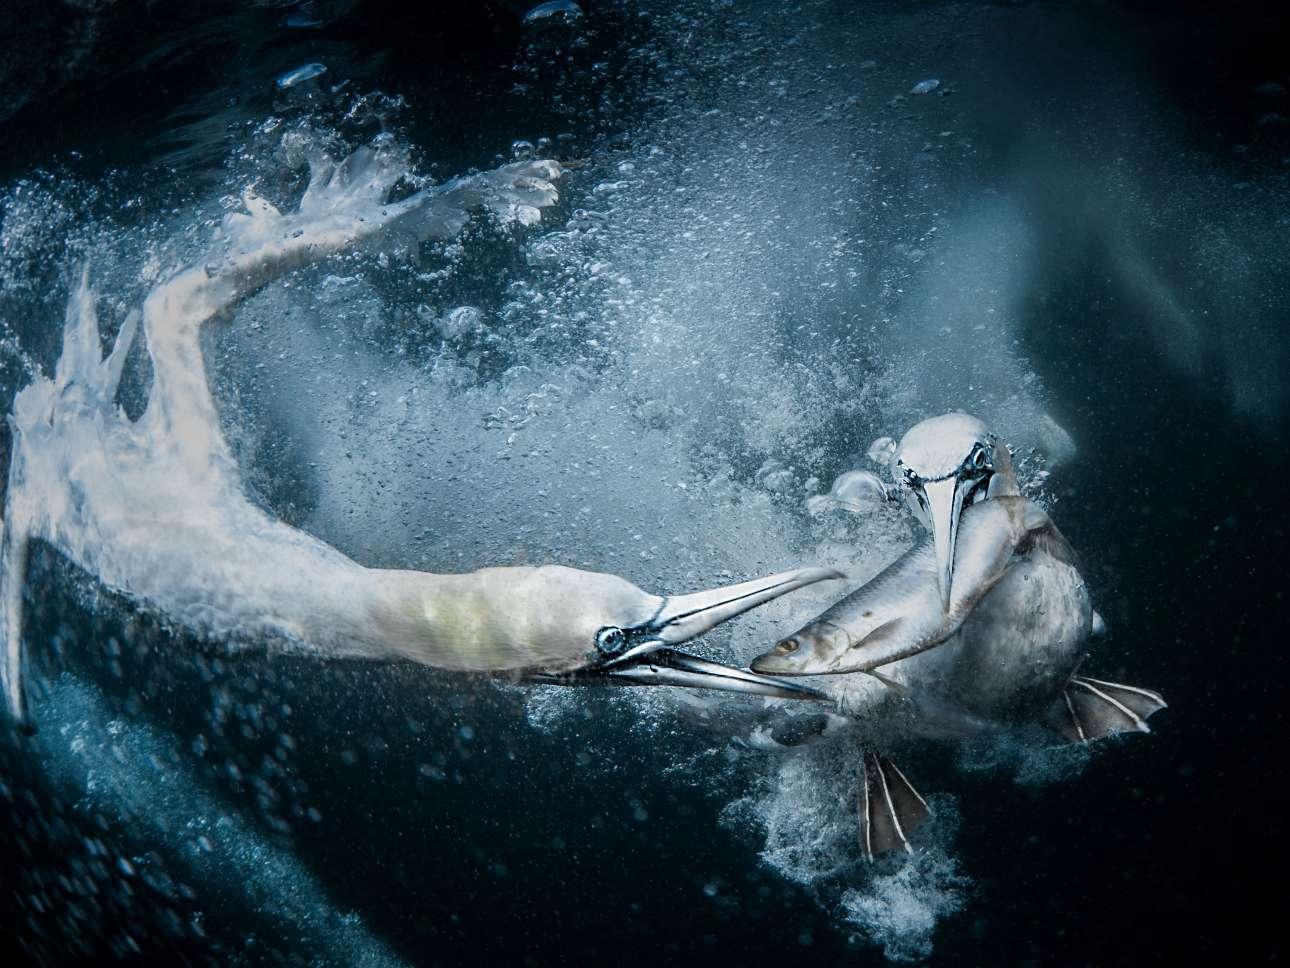 Πρώτη θέση στην κατηγορία Φυσικός Κόσμος και Αγρια Ζωή. Ονειρο της φωτογράφου ήταν να αποτυπώσει τι συμβαίνει κάτω από τη θάλασσα, και το κατάφερε στο αρχιπέλαγος Σέτλαντ της Σκωτίας, όπου κατέγραψε με τον φακό της τη στιγμή που θαλασσοπούλια επιτίθενται σε ένα ψάρι με σκοπό να το φάνε